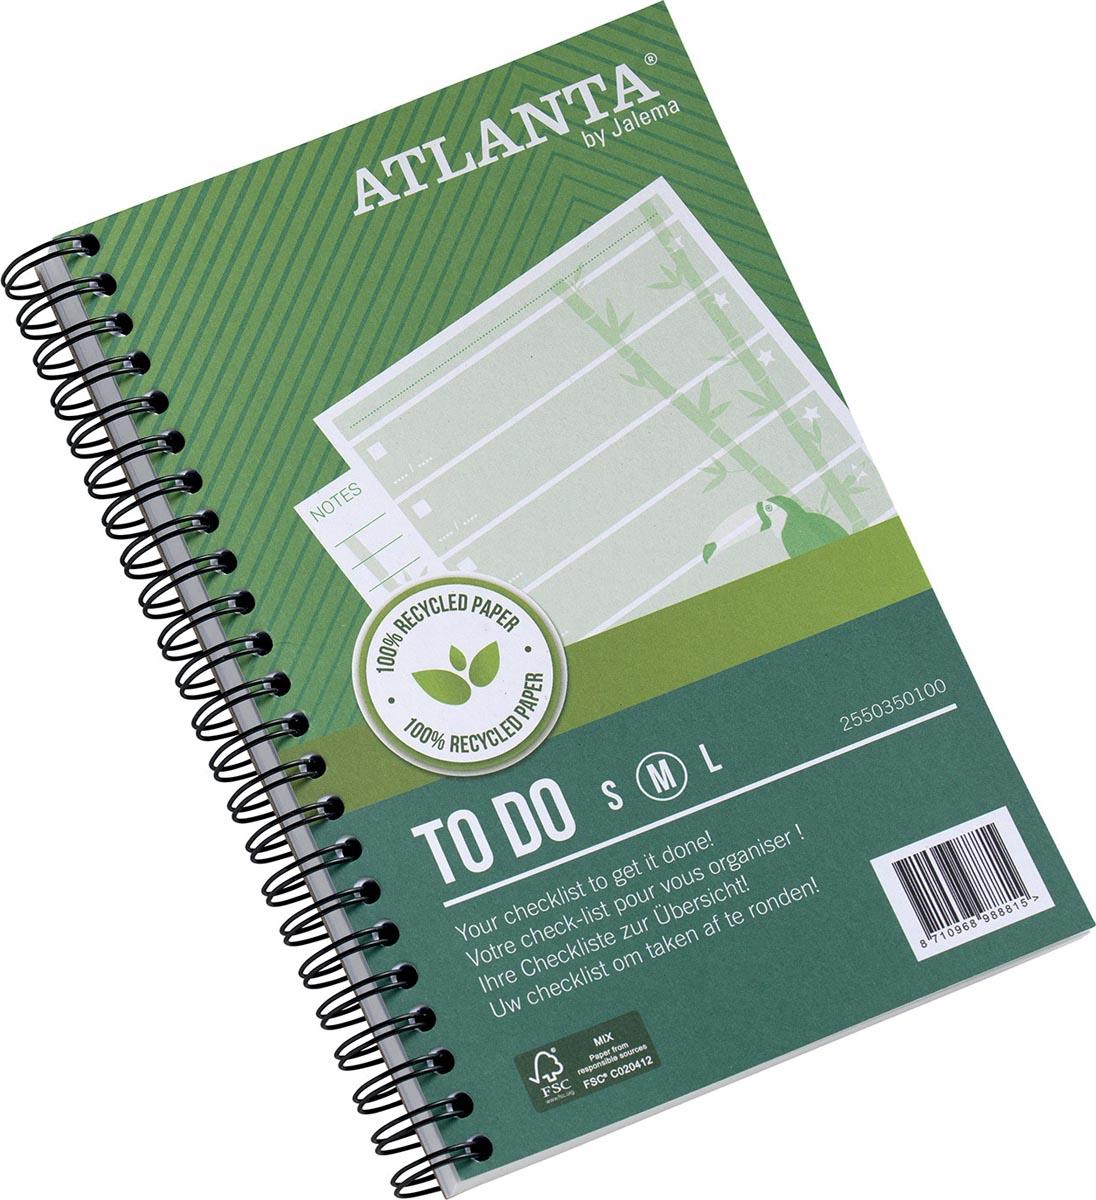 Atlanta by Jalema notitieboekje To Do 'Jungle' ft 125 x 195 mm, 200 bladzijden, pak van 2